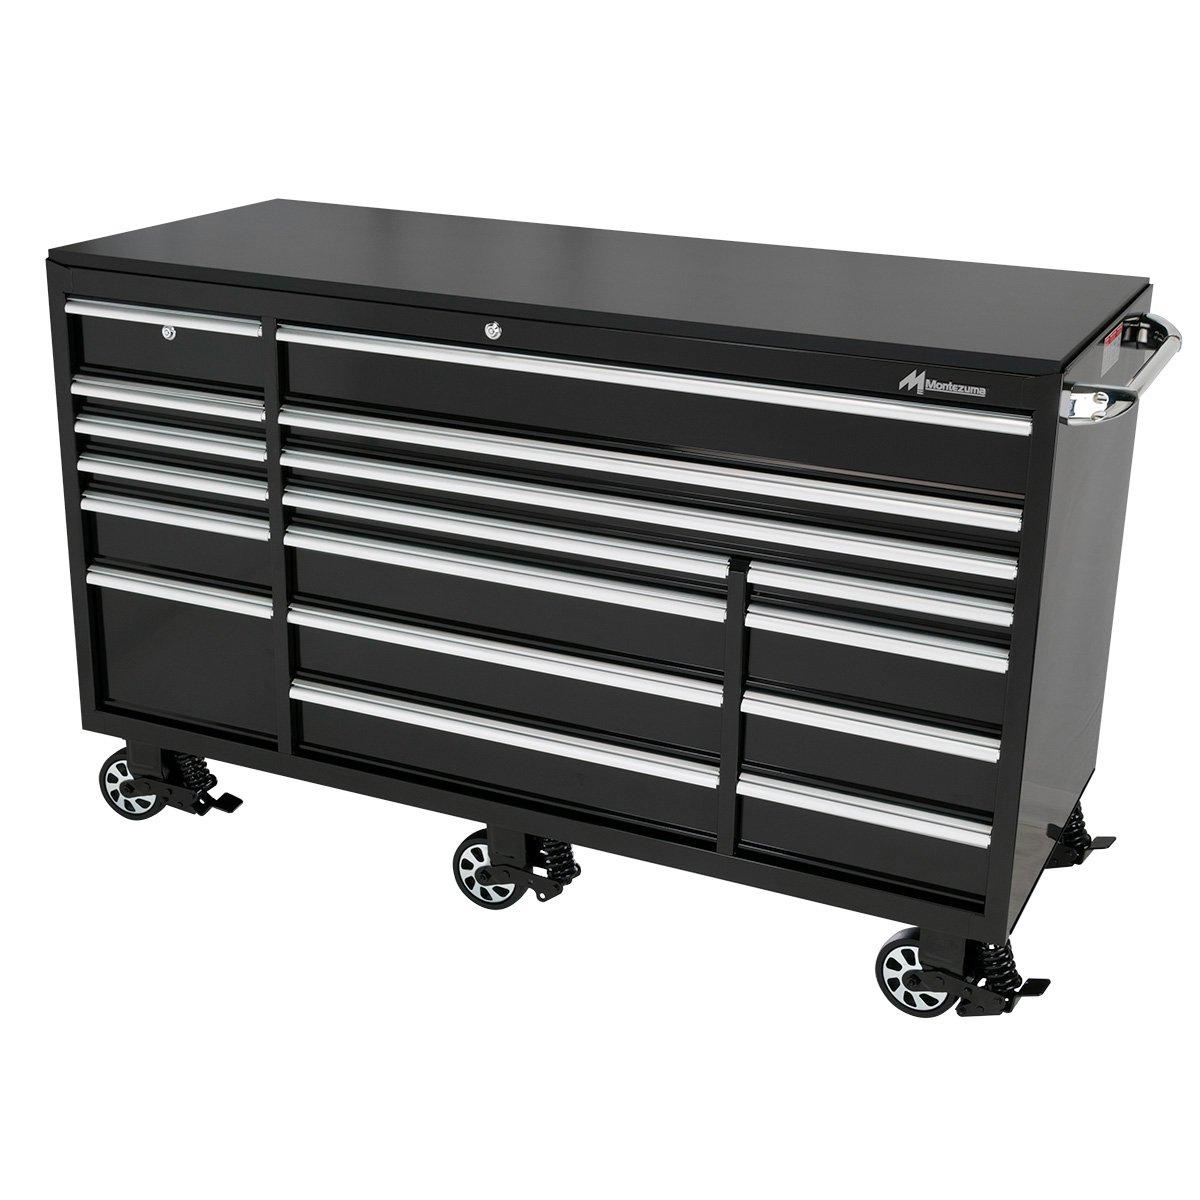 montezuma bk7217mz 72 inch 17 drawer roller tool cabinet. Black Bedroom Furniture Sets. Home Design Ideas